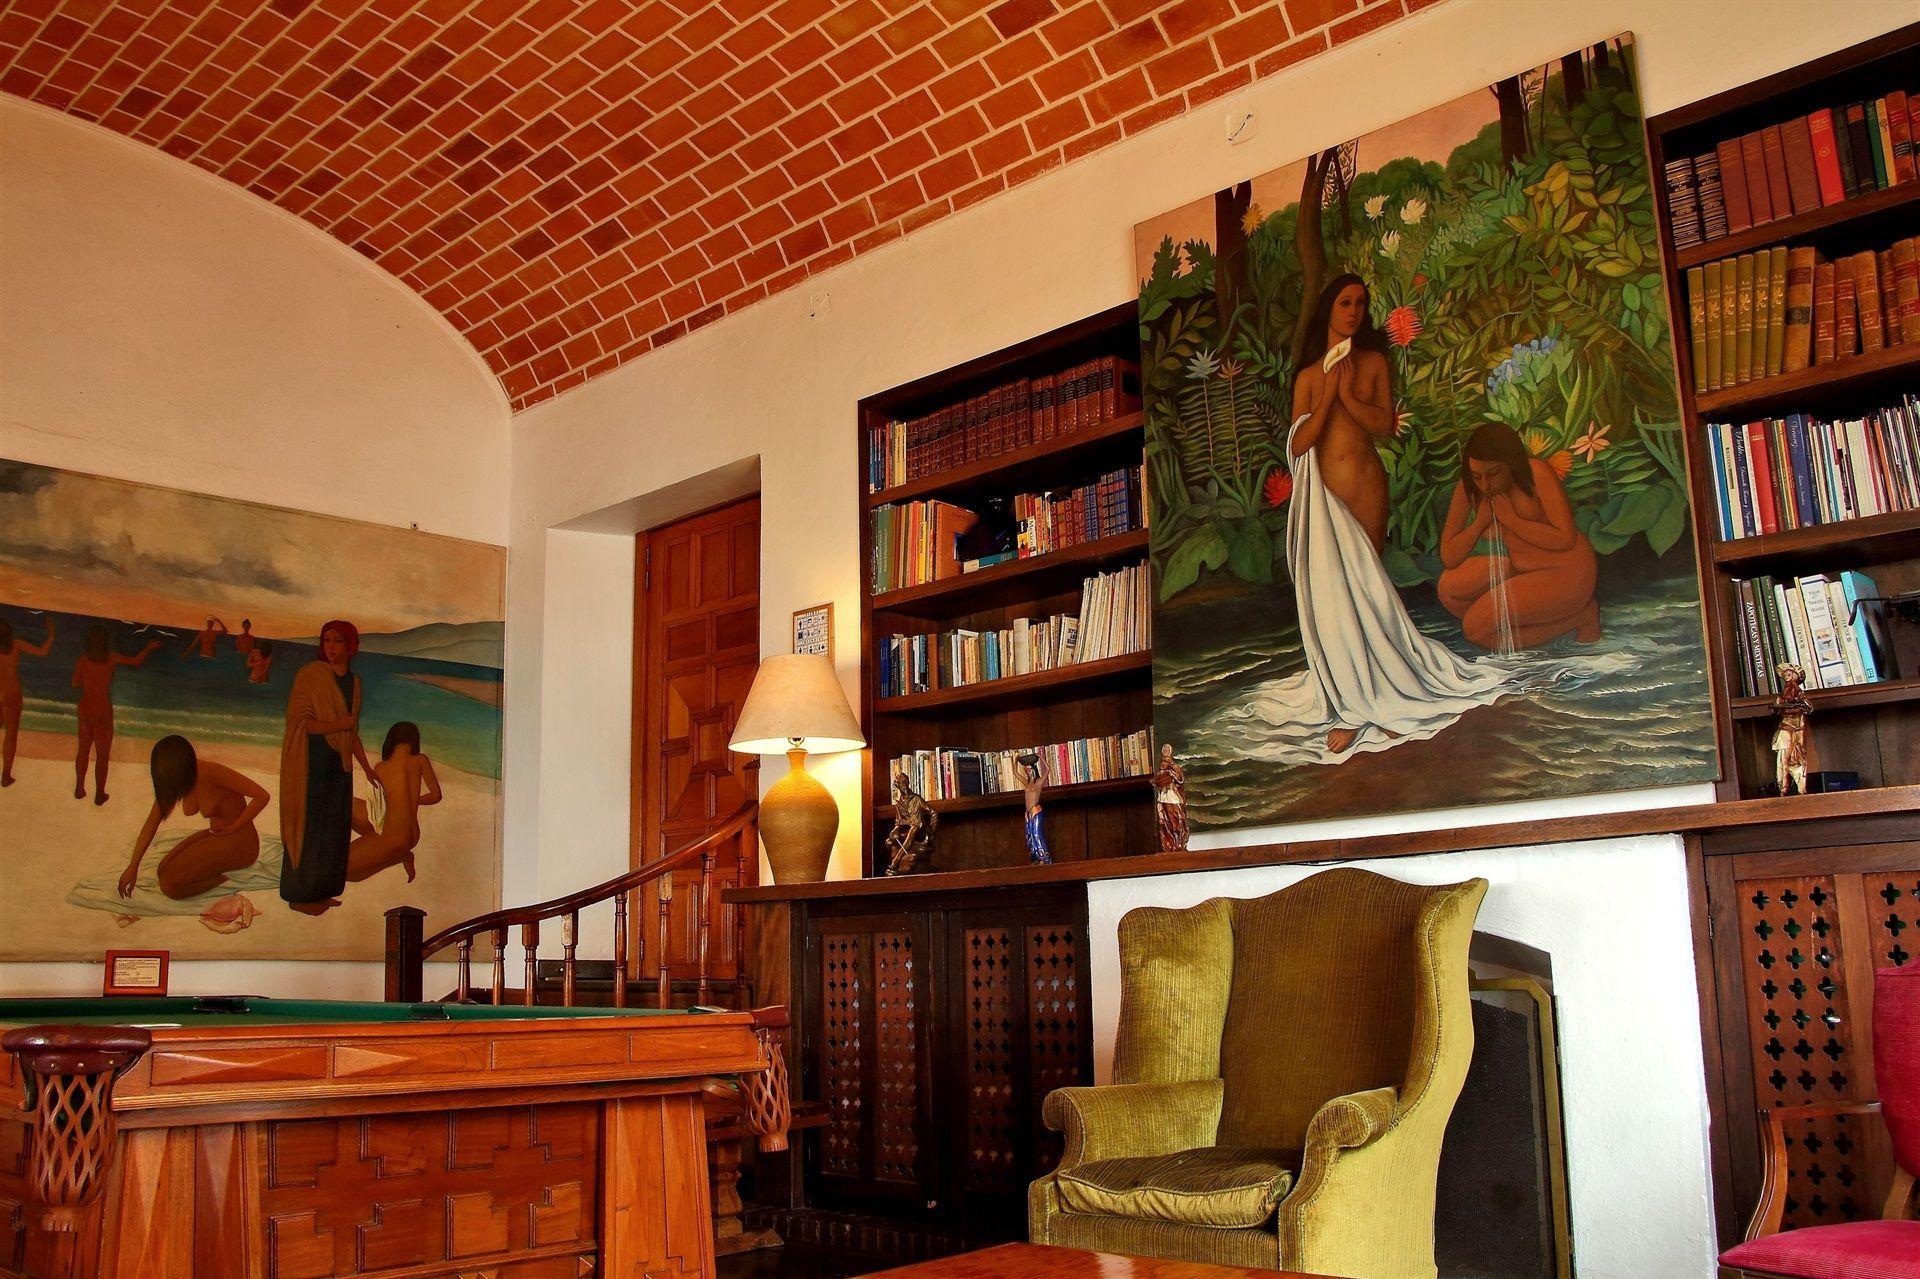 Instalaciones y Servicios - Tepoztlán - Mexico